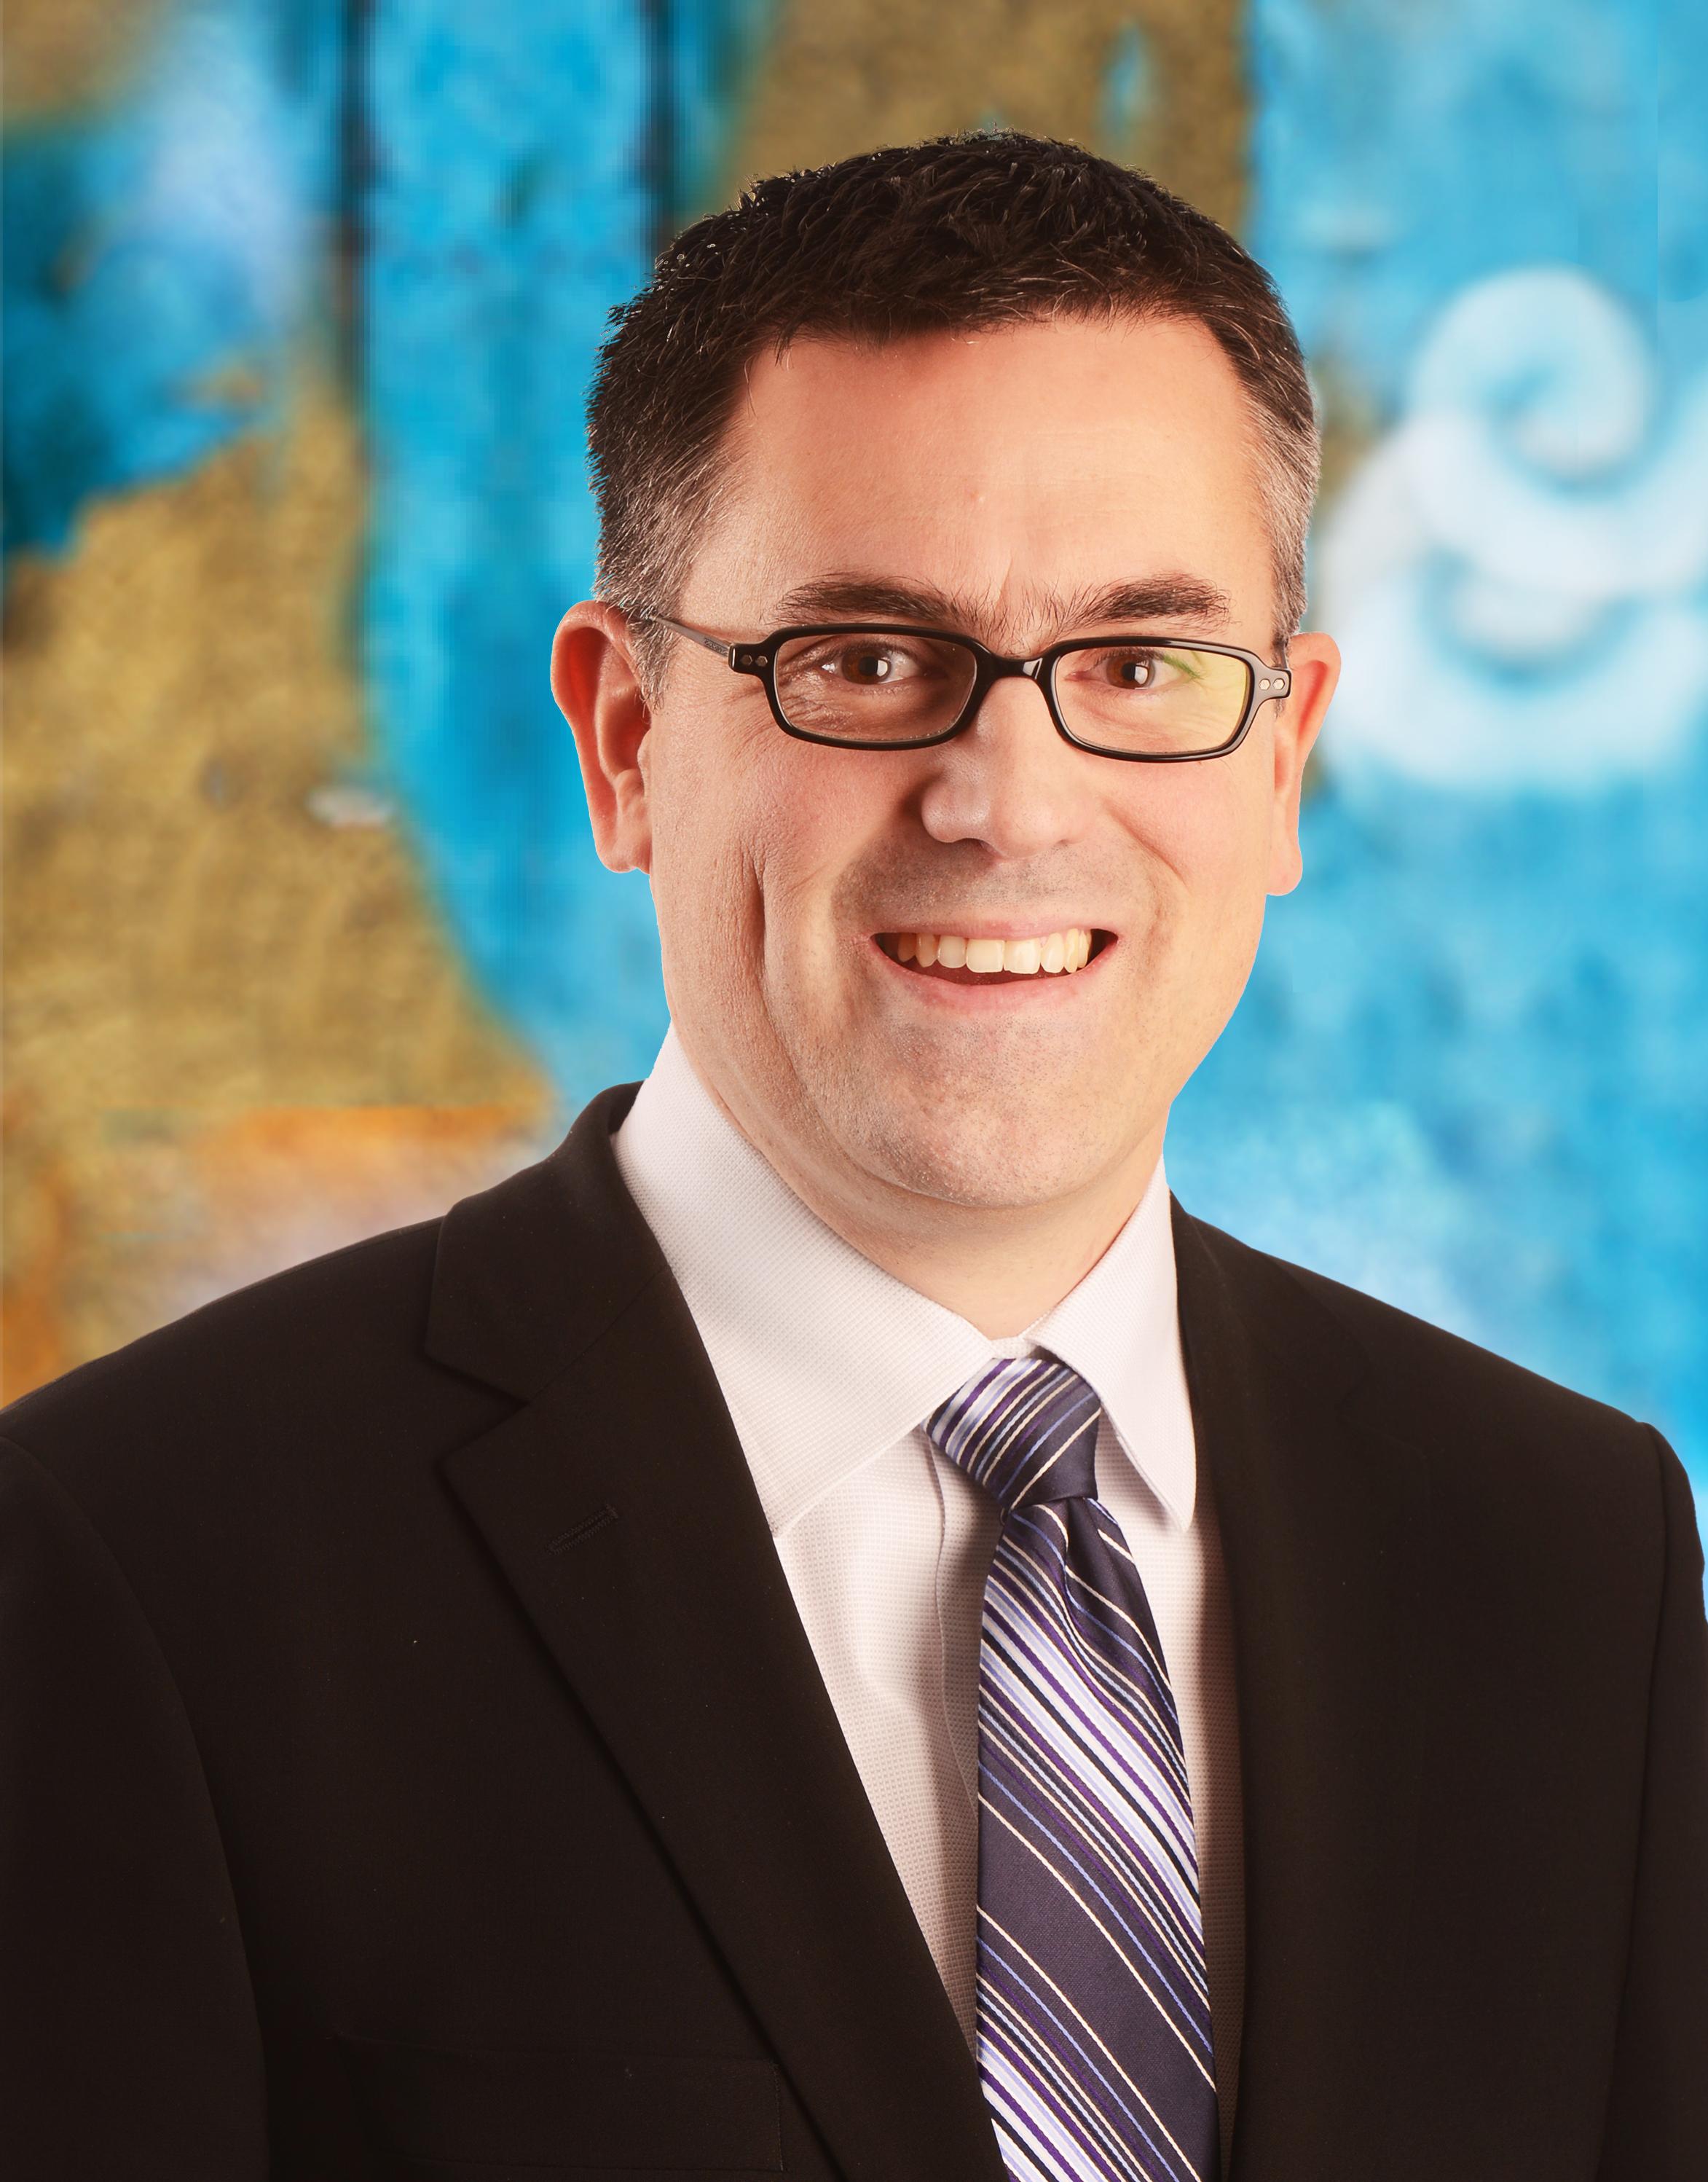 Brad Farquhar